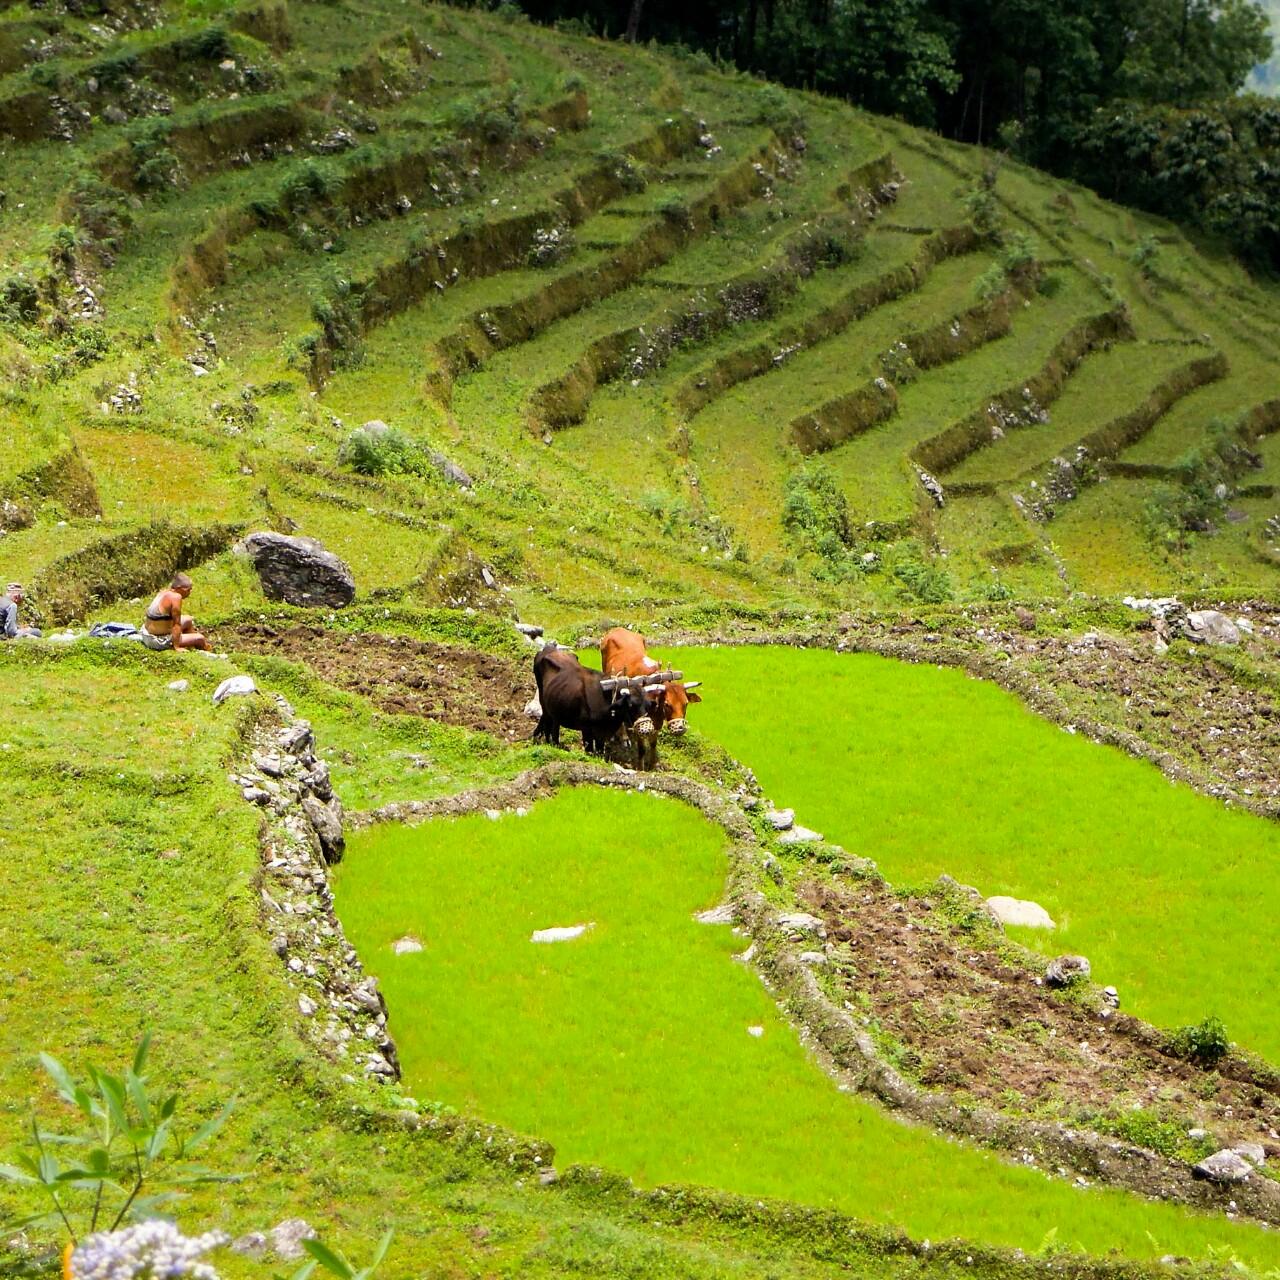 Biobauern Landwirtschaft West Sikkim (c) Reinhard Gessl